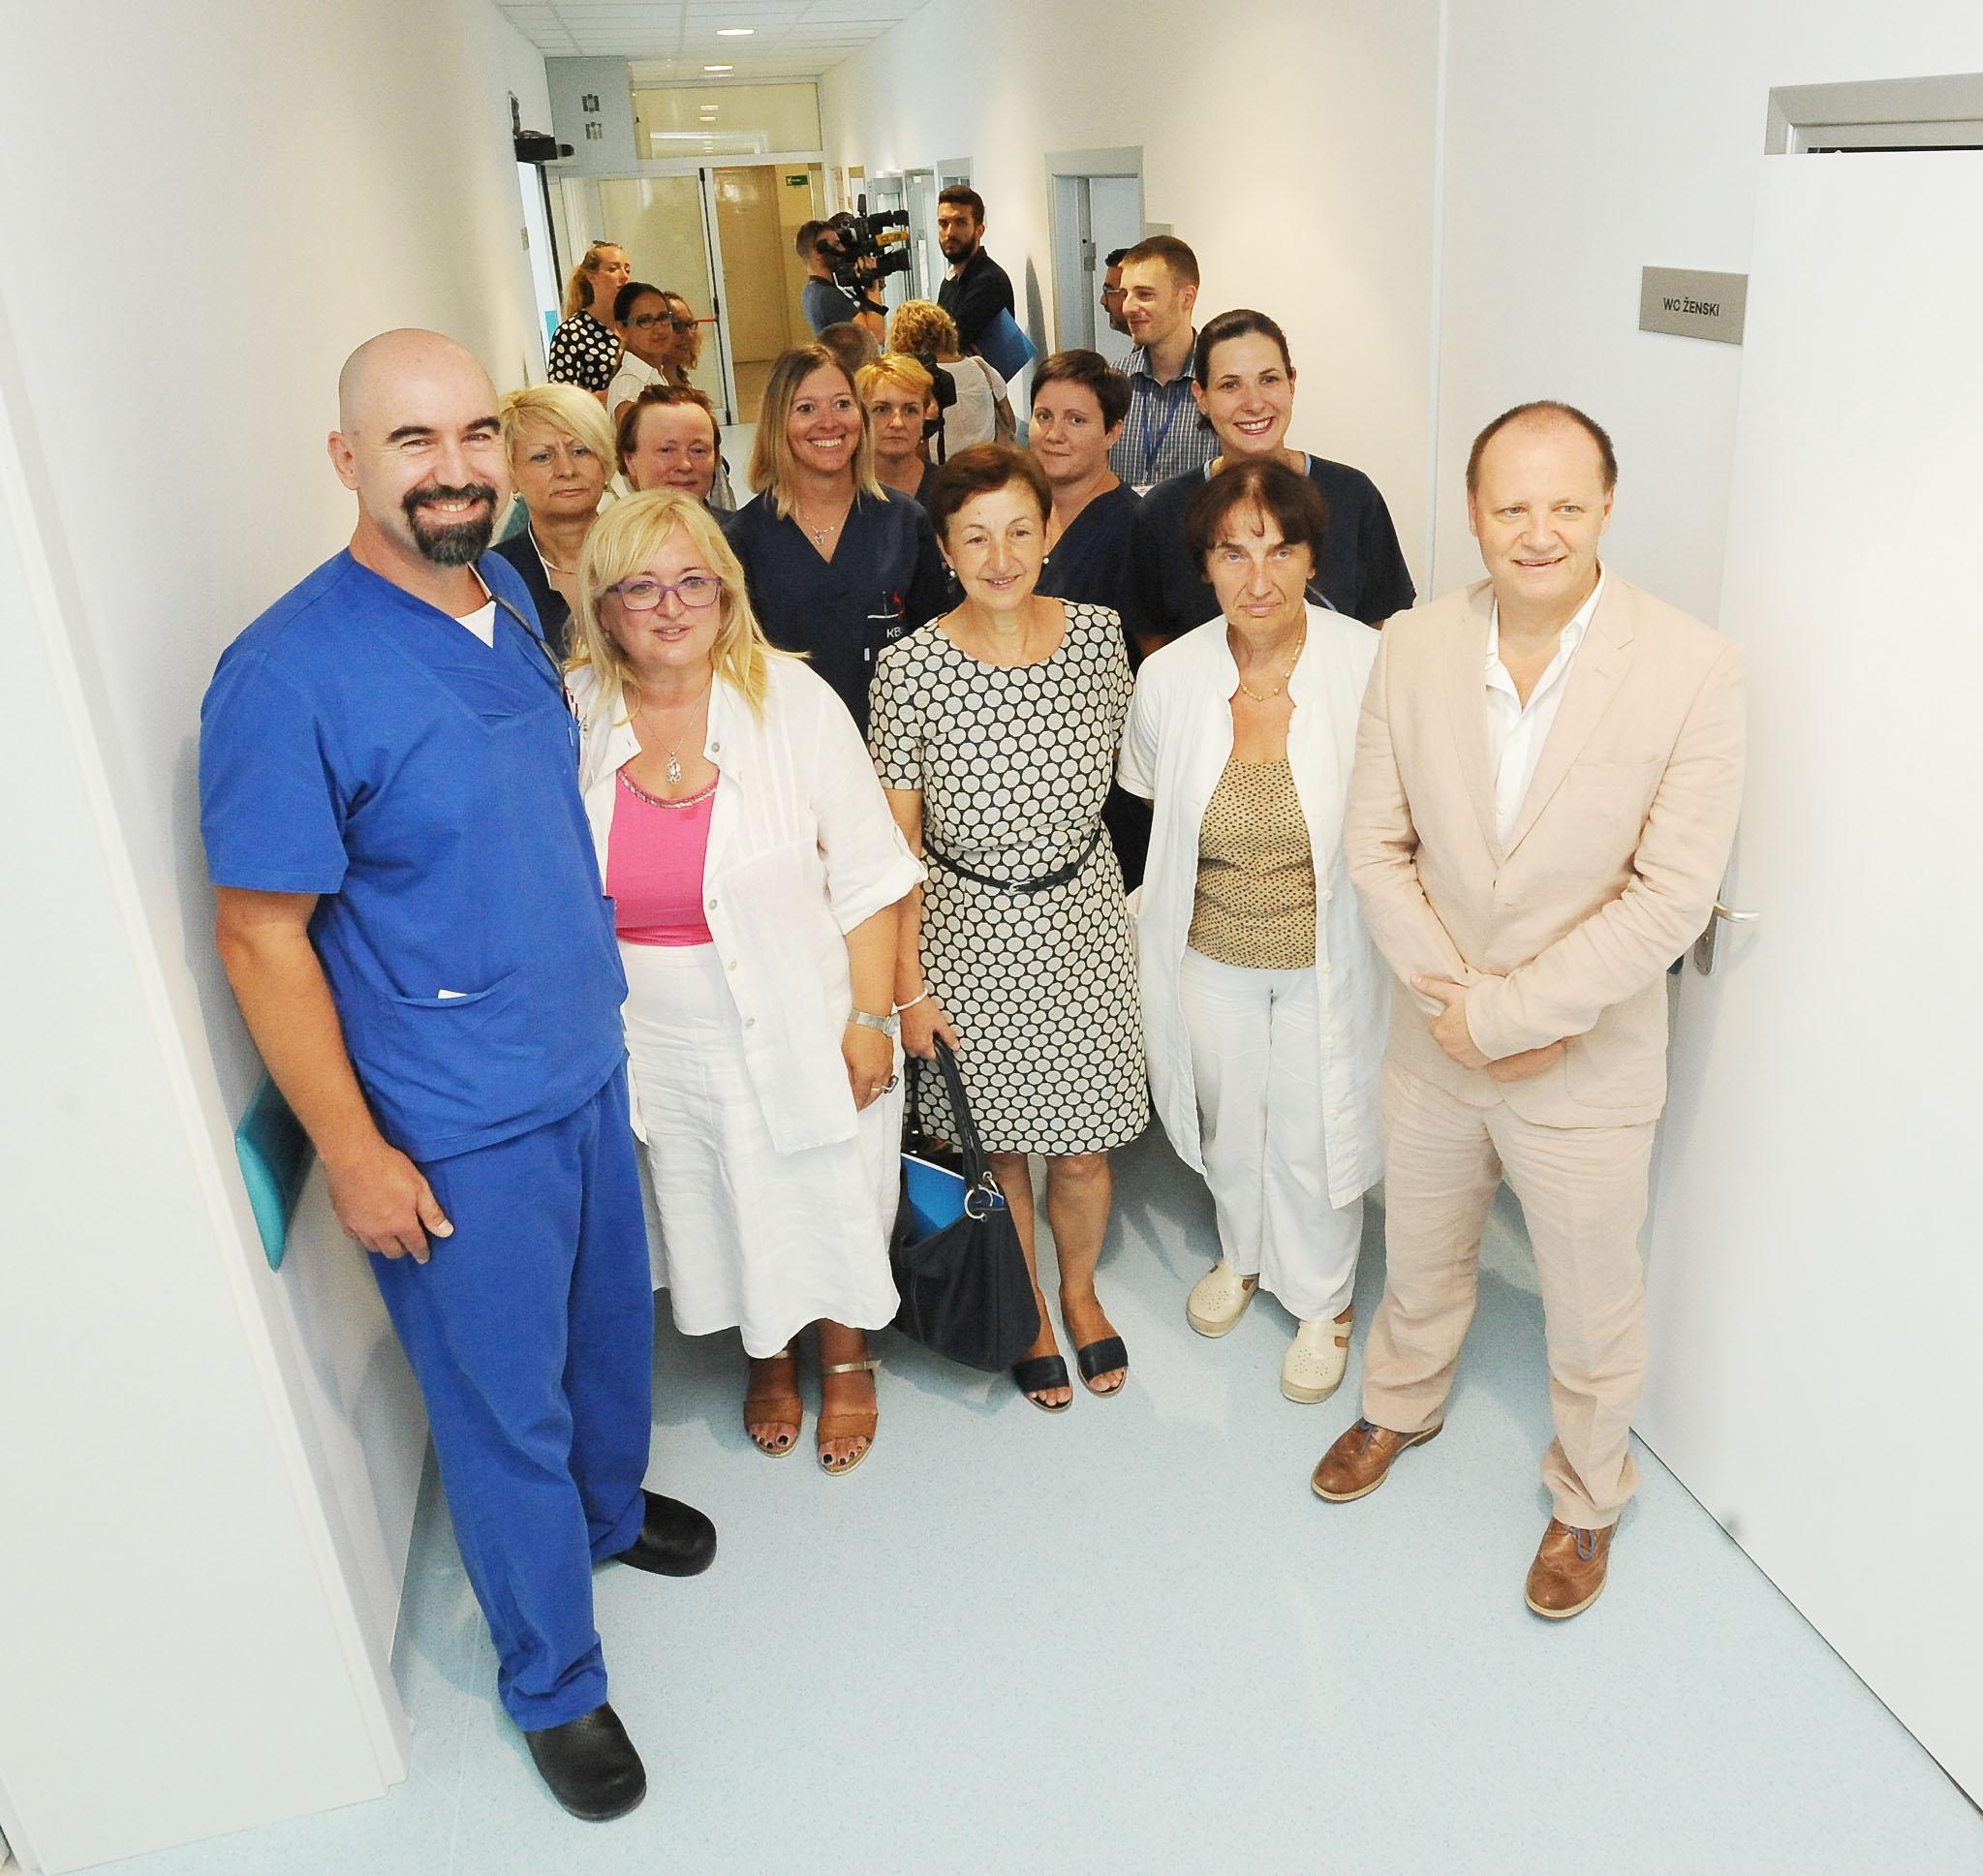 dnevne bolnice, KBC Rijeka, Rijeka